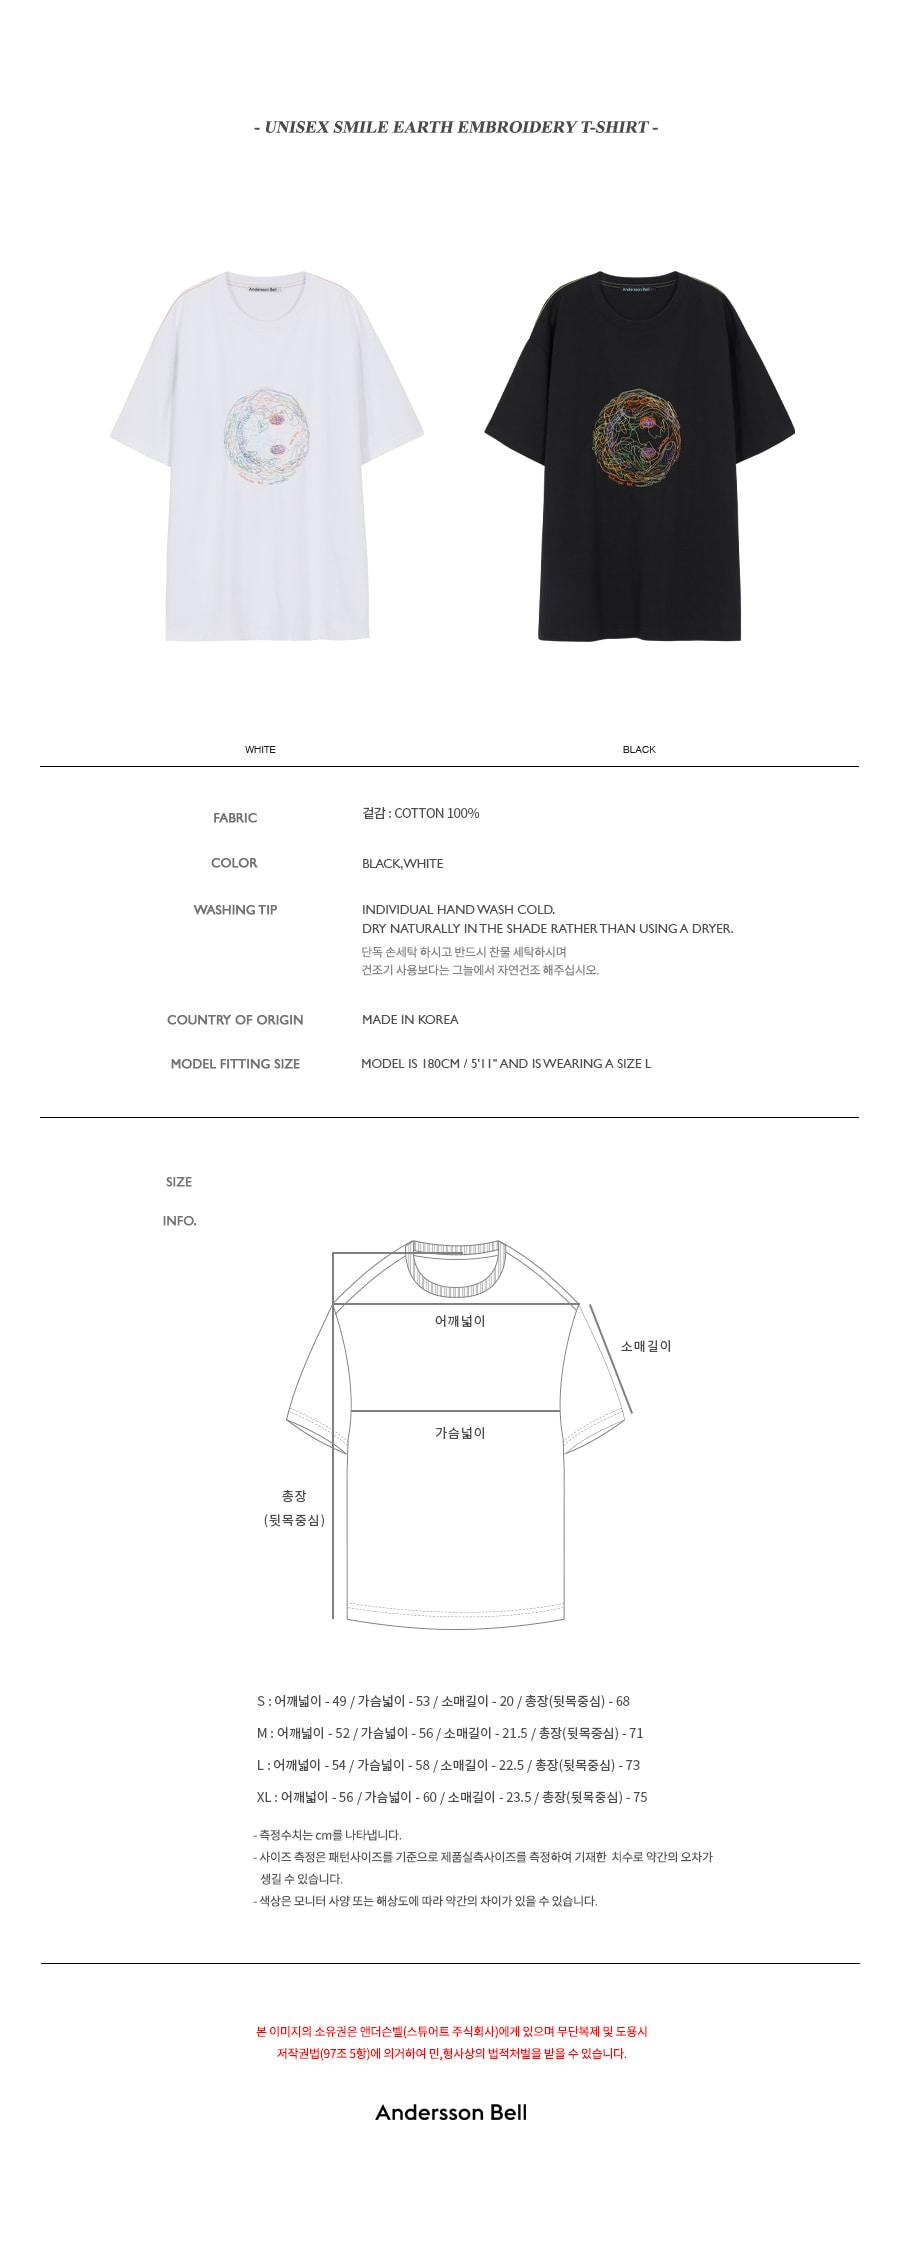 앤더슨벨(ANDERSSON BELL) 유니섹스 스마일 어스 엠보더리 티셔츠 atb524u(WHITE)